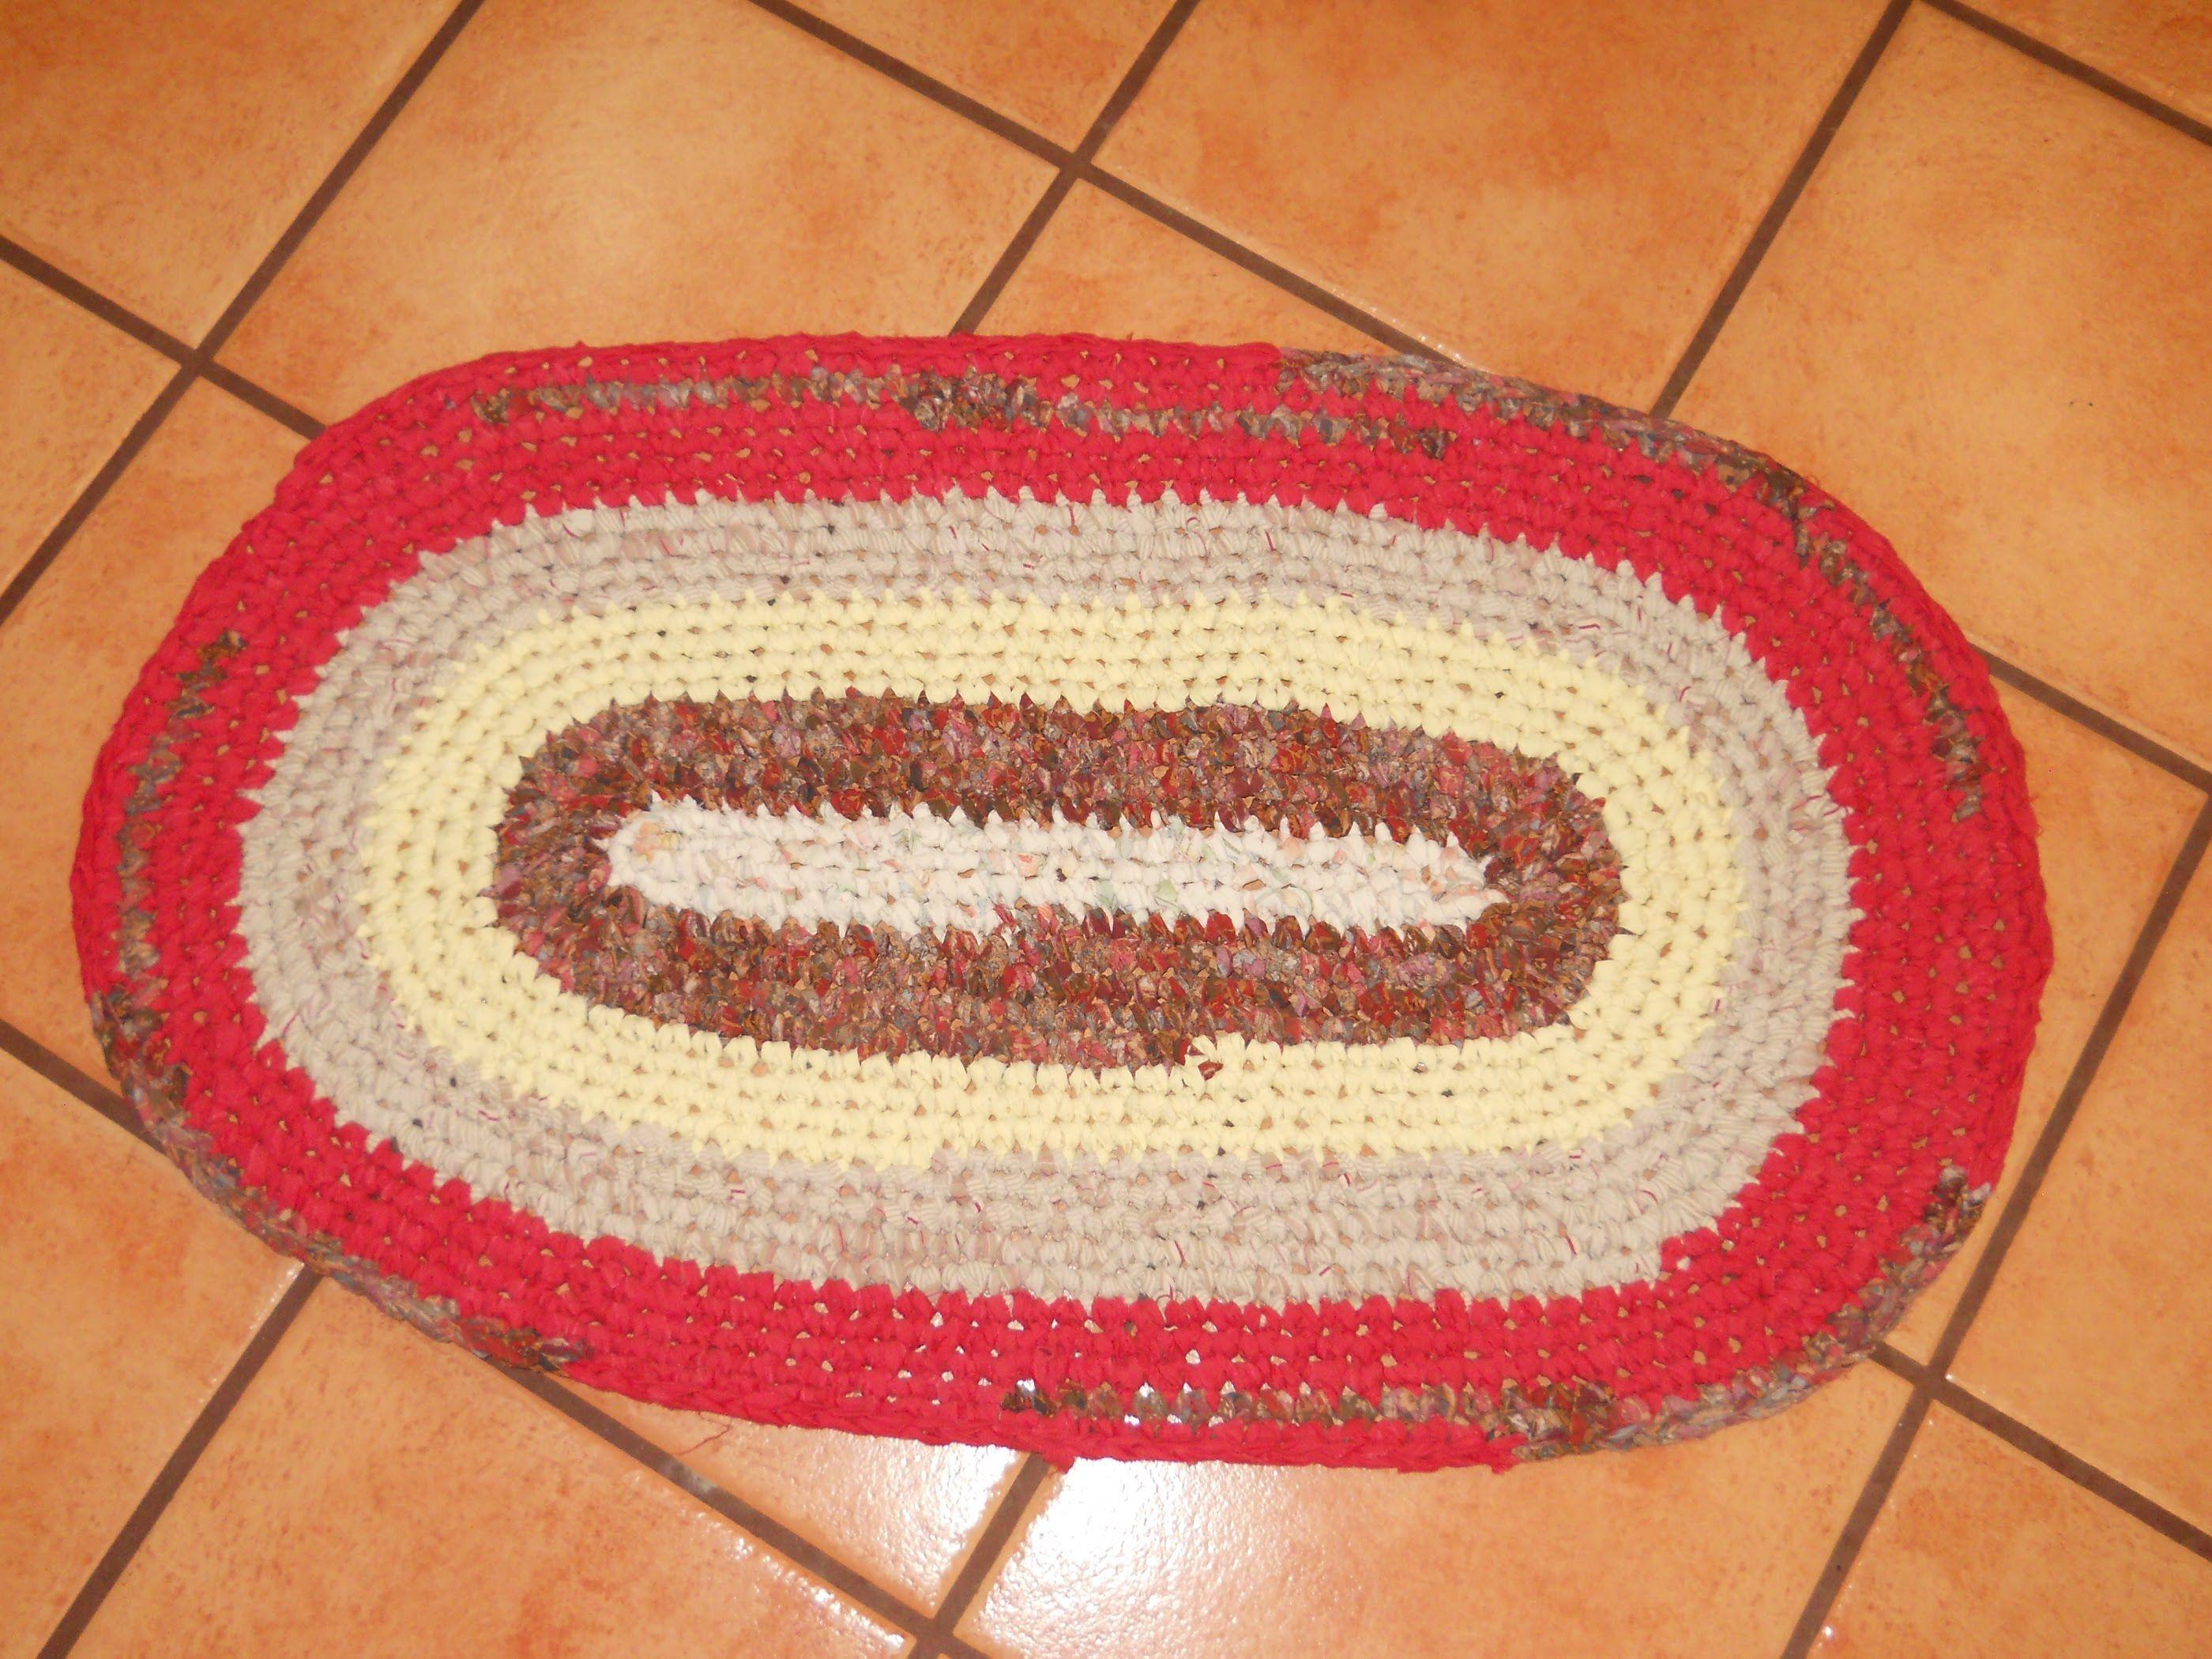 Crochet Oval Rag Rug Tutorial For Beginners 101 Part 2 Rag Rug Tutorial Crochet Rag Rug Rug Tutorial